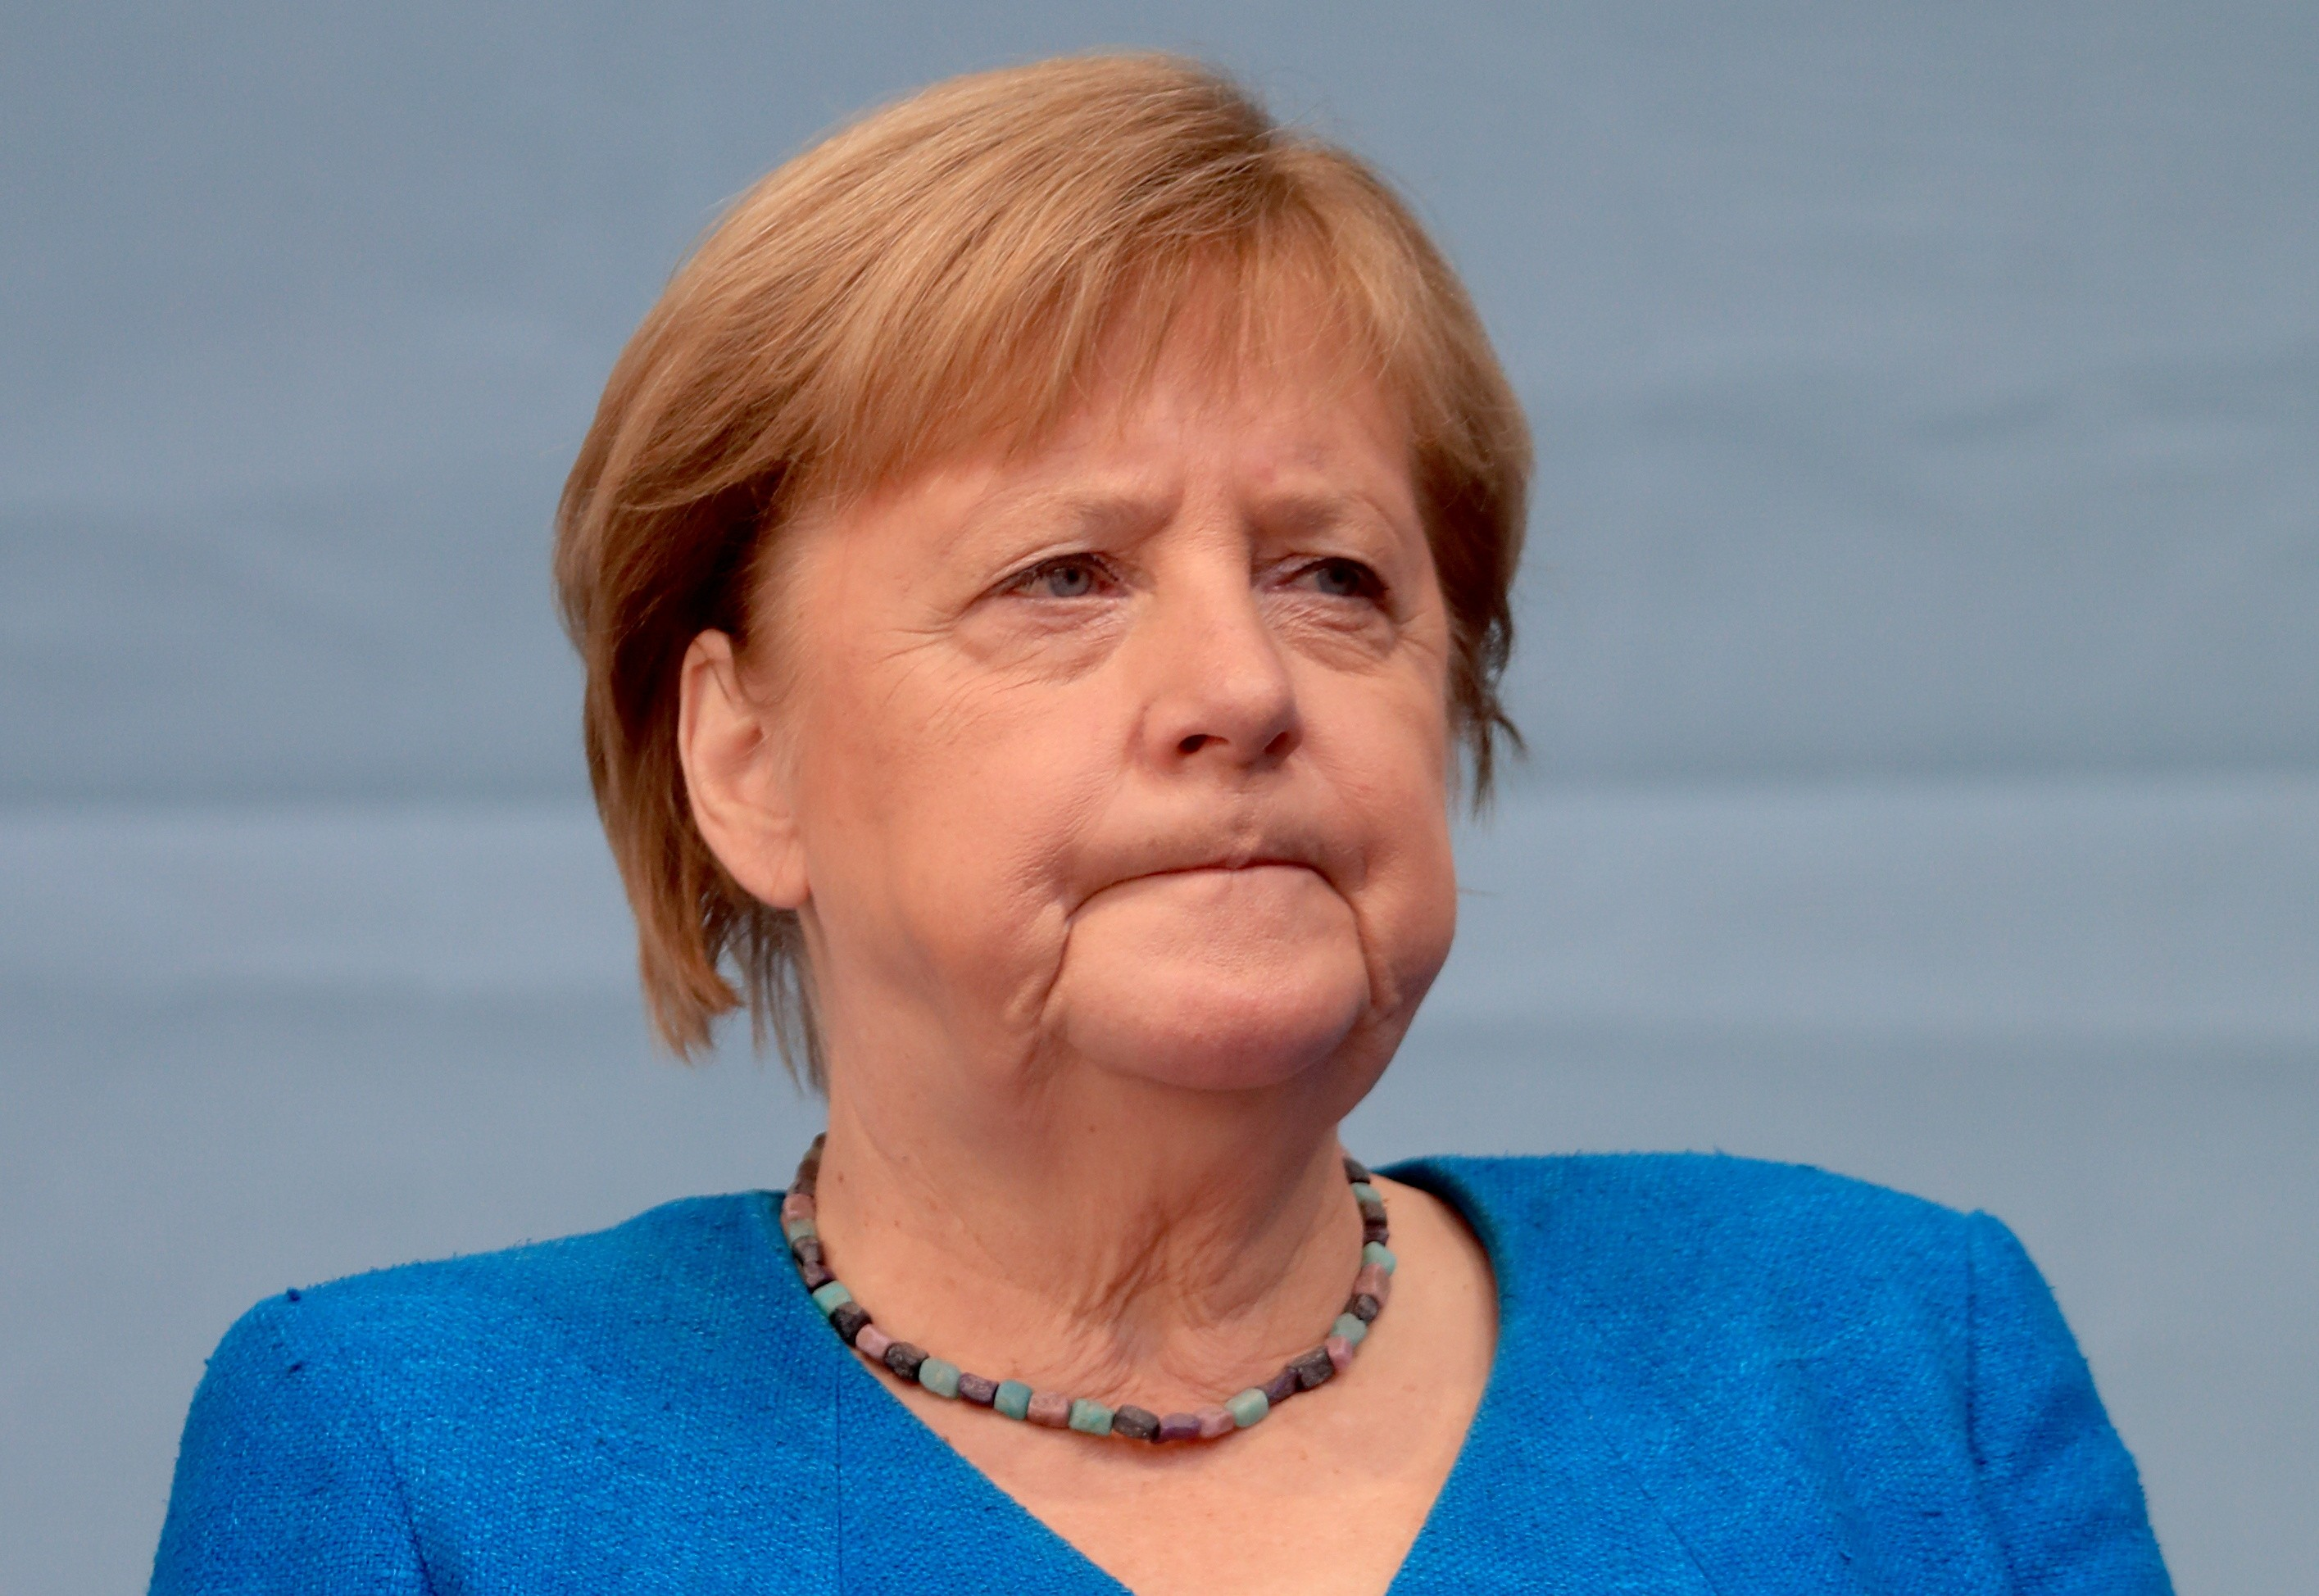 Definição do novo governo da Alemanha pode levar meses; entenda o que acontece agora que passou a eleição